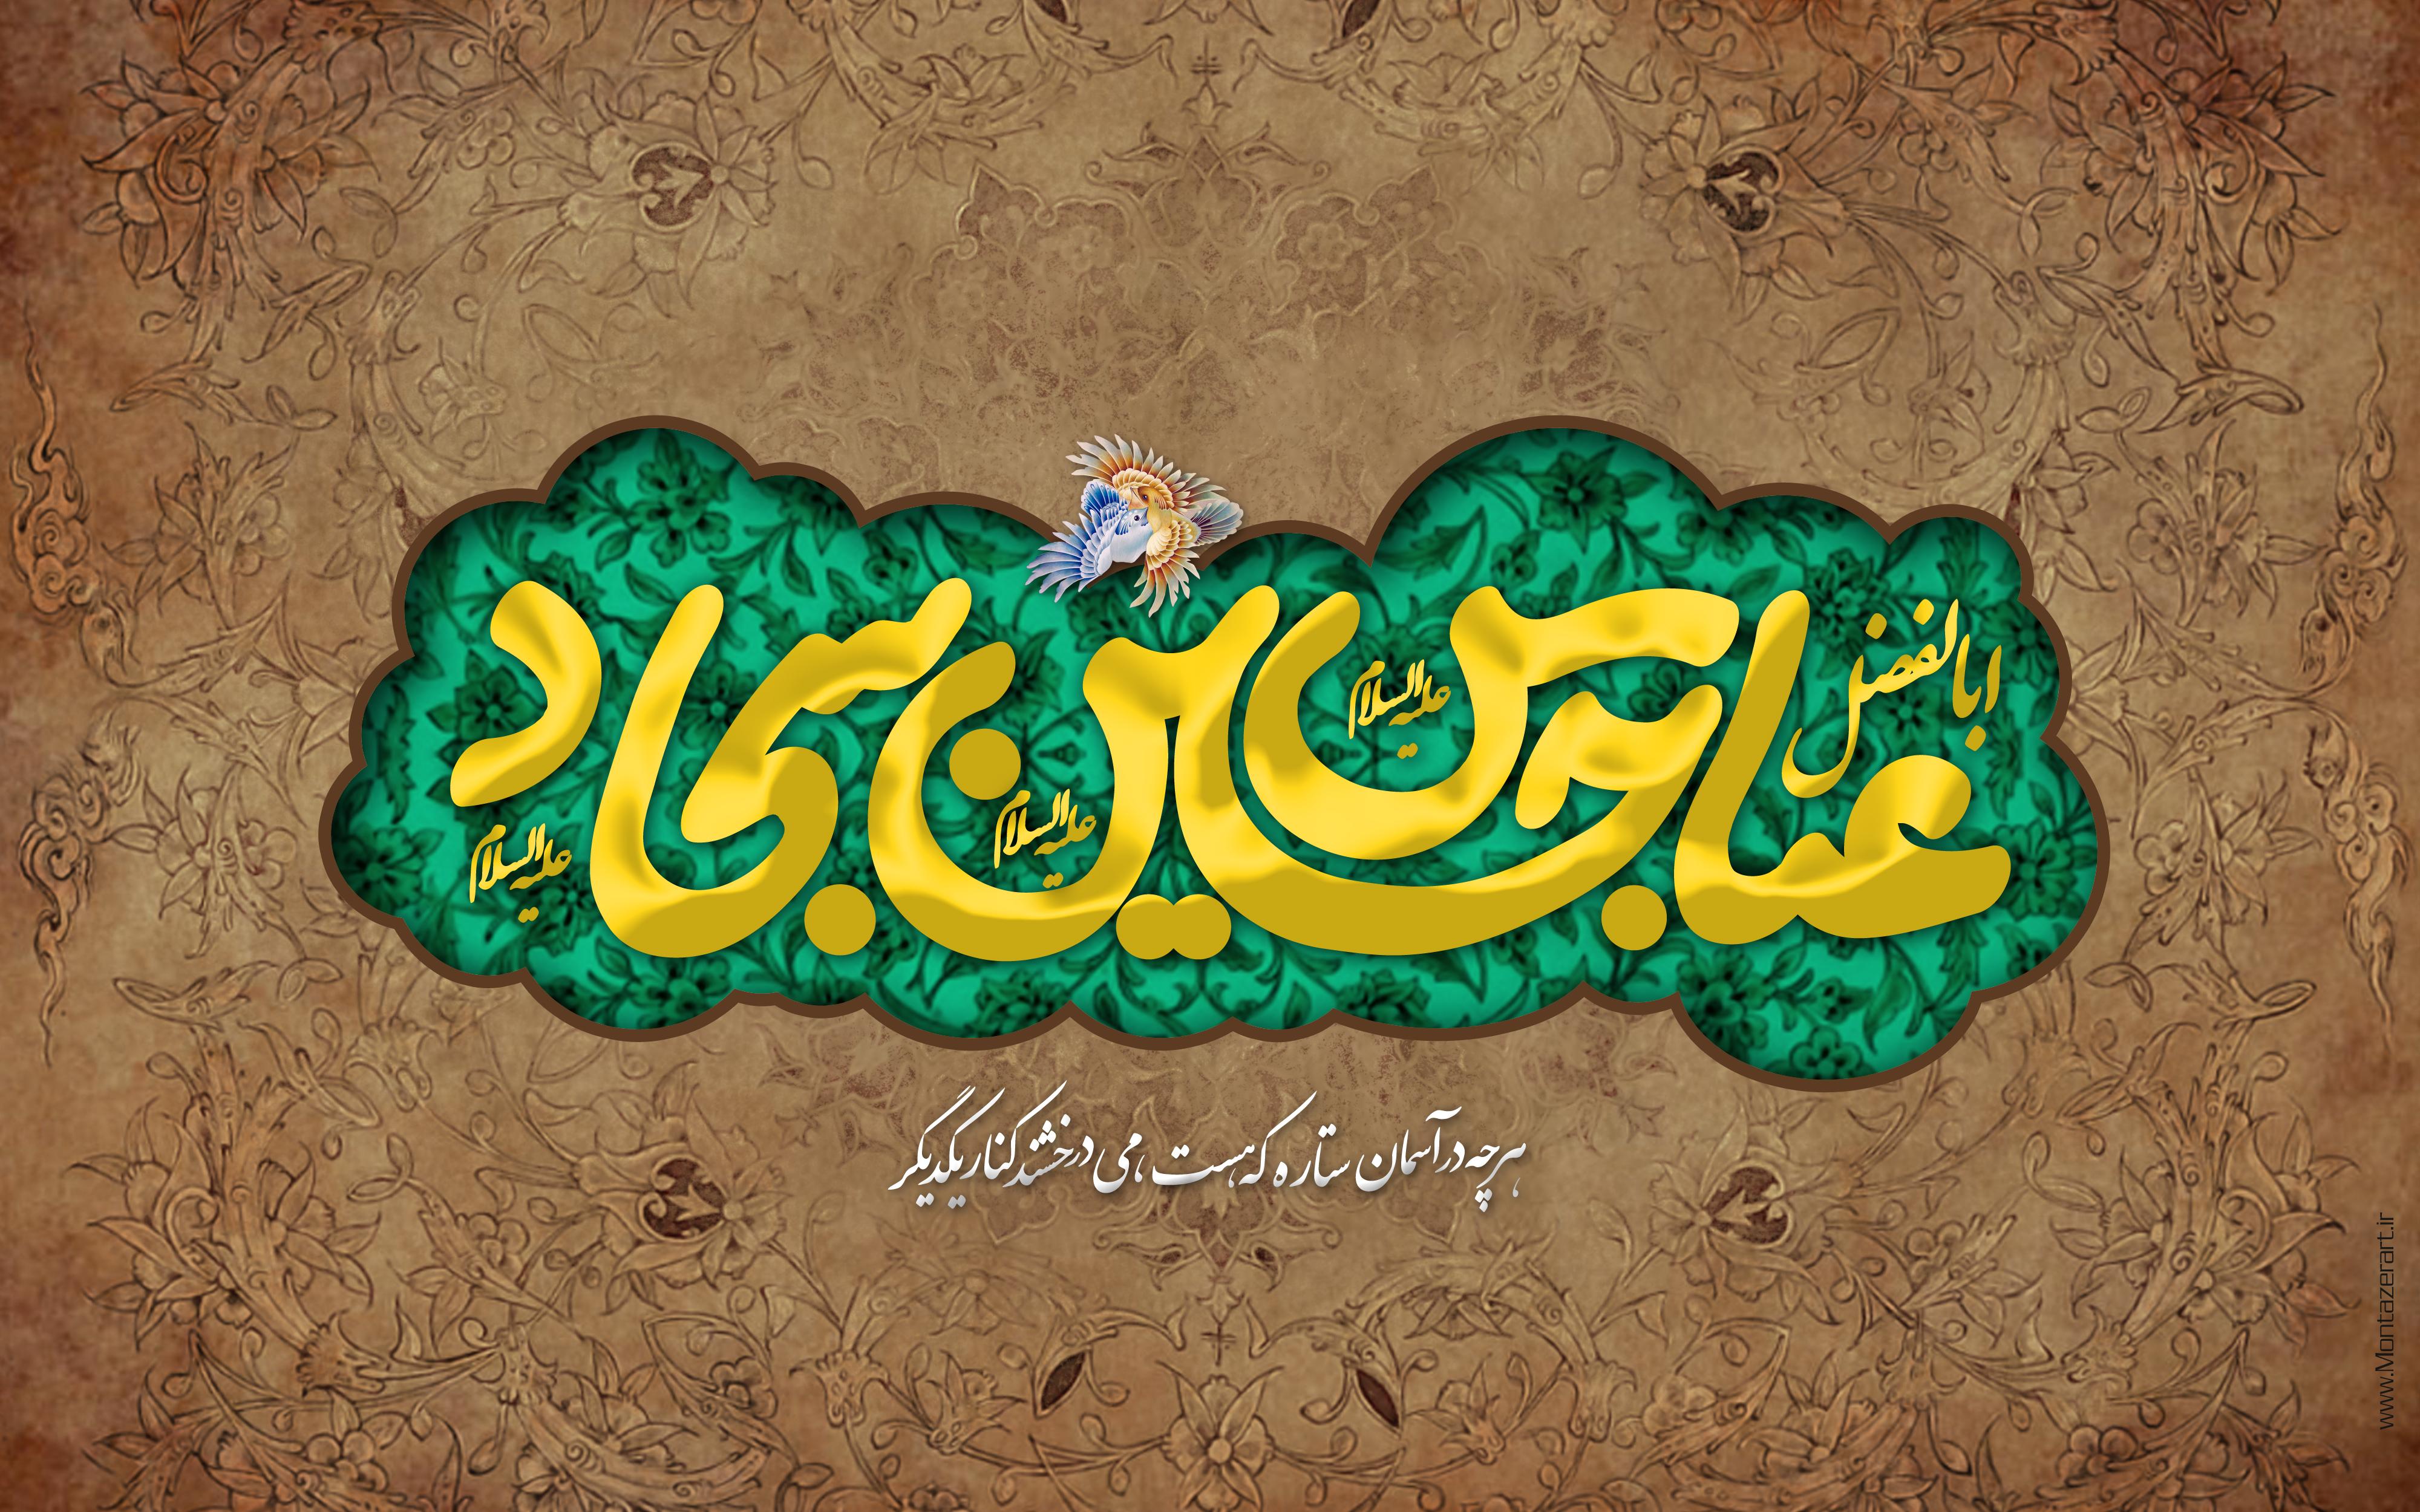 http://etesabphoto.persiangig.com/imam%20hossein/146(Shabaniye)-4000.jpg